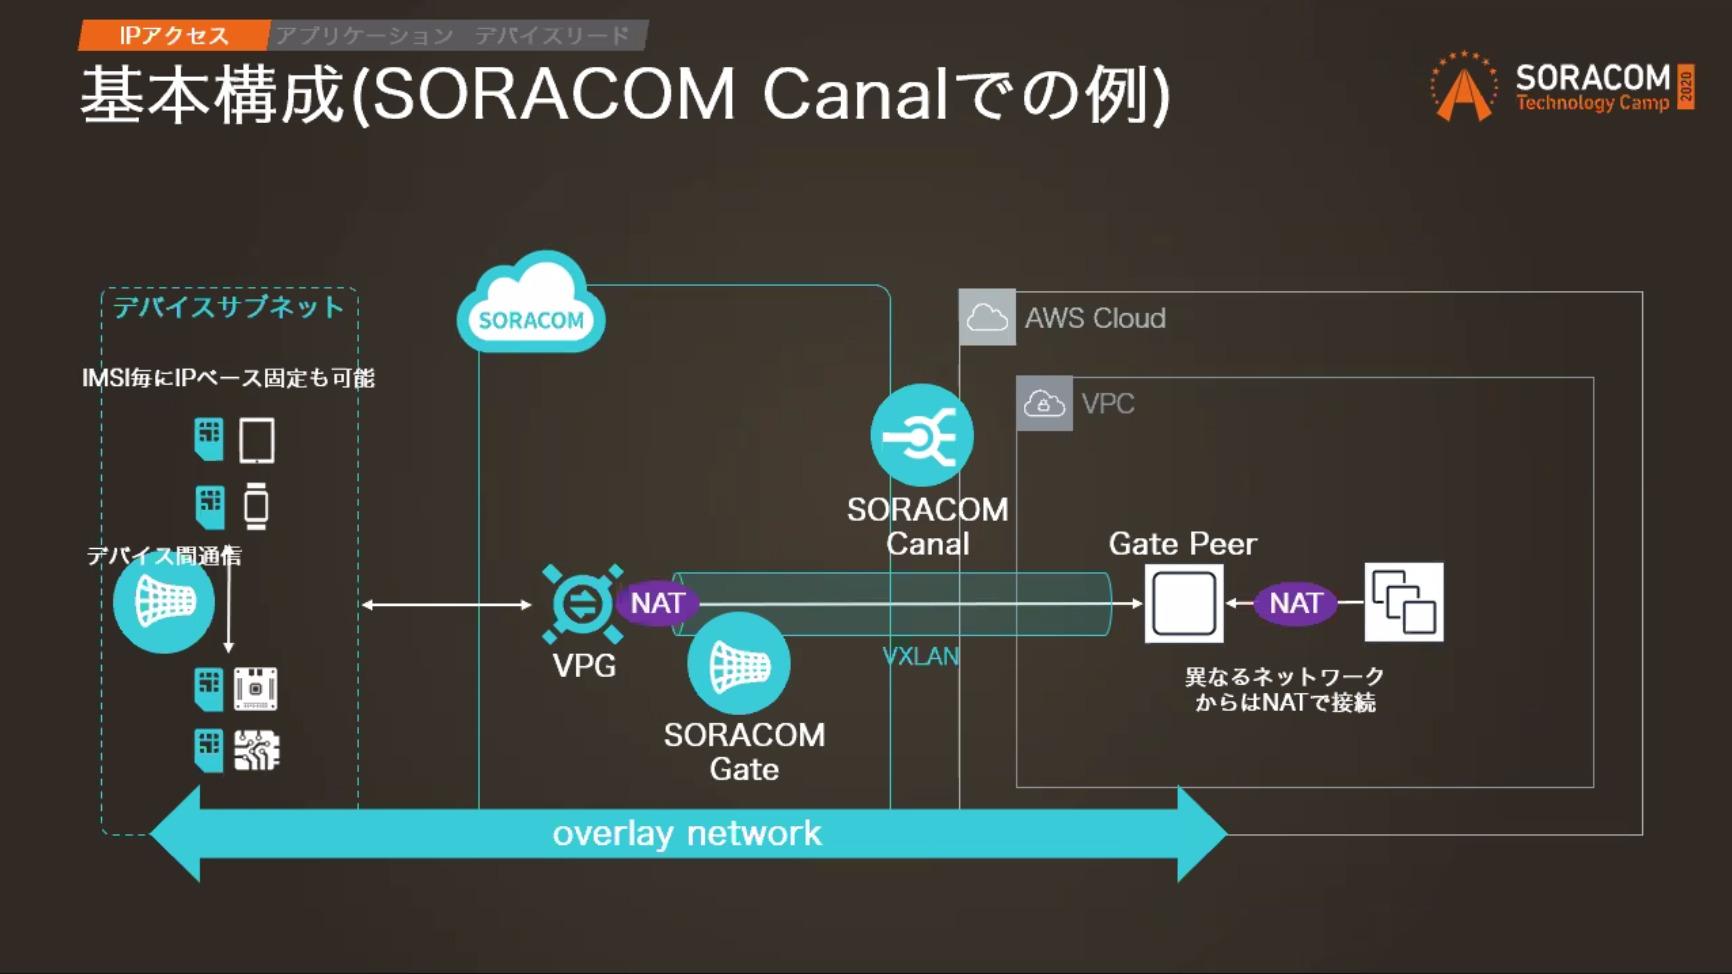 soracom-tech-camp-day2-design-pattern-14